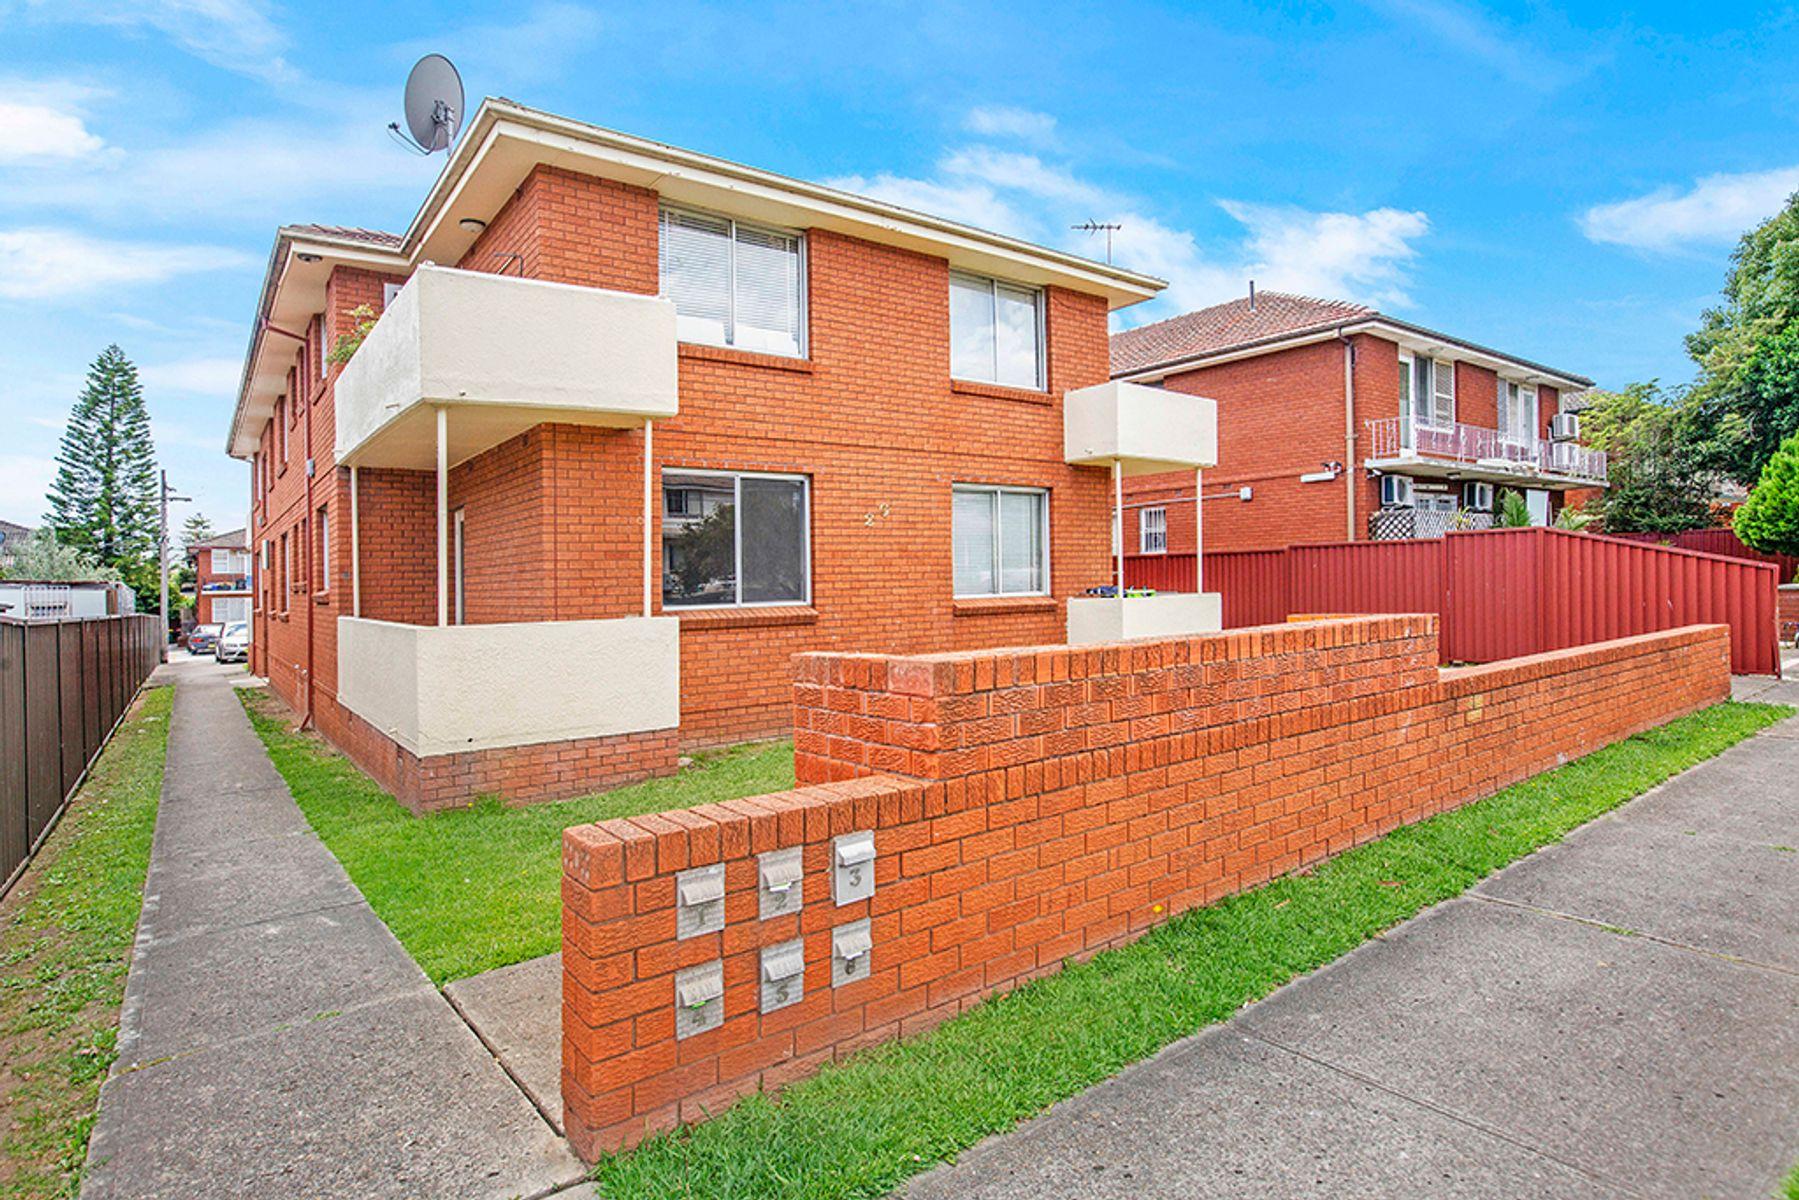 3/20 Oswald Street, Campsie, NSW 2194